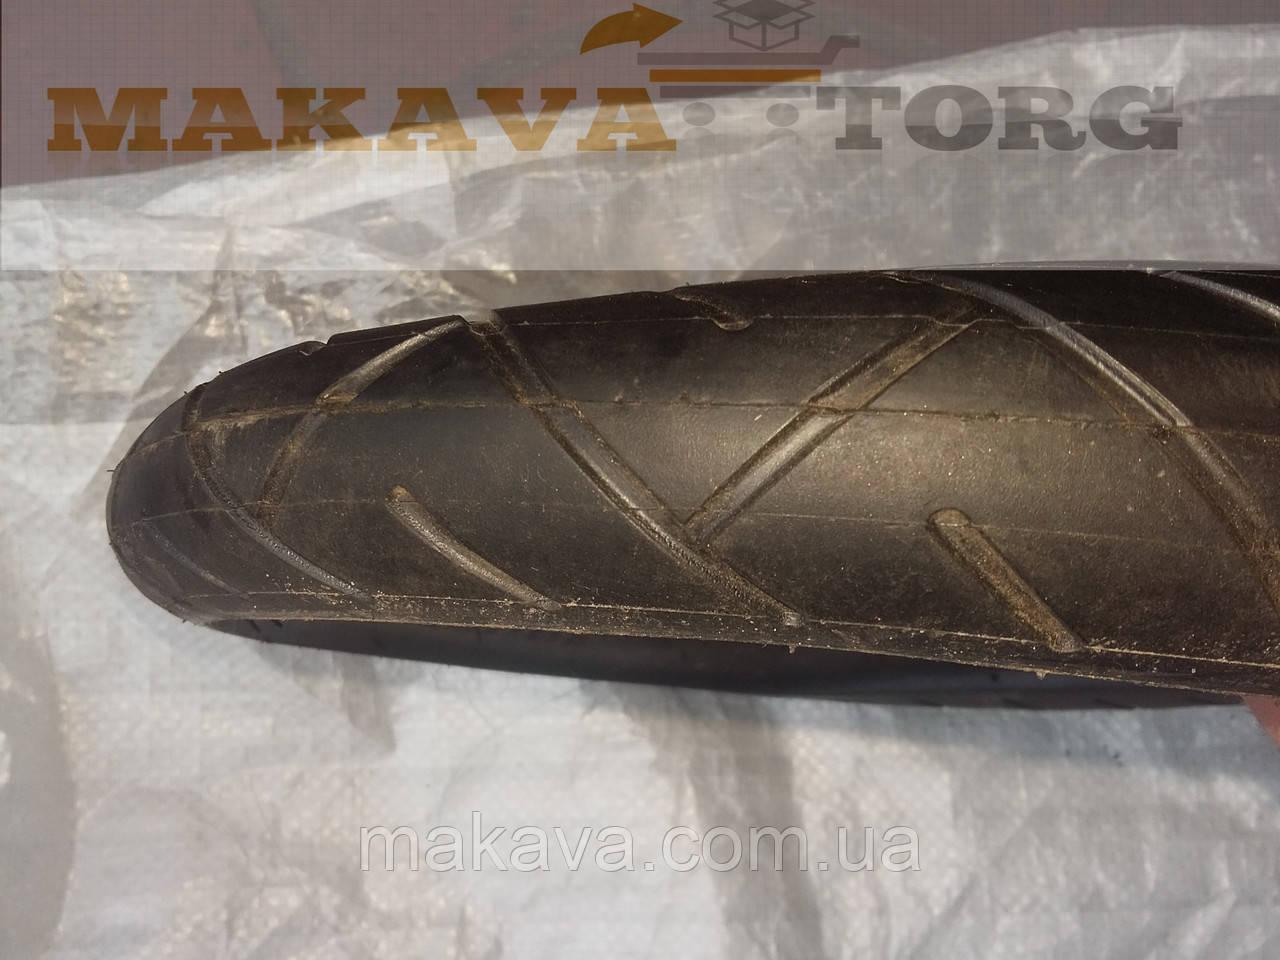 """Покришка на коляску 12"""" China Industry G-816-02 (12 1/2-2 1/4(JIU MA-Индонзия))"""